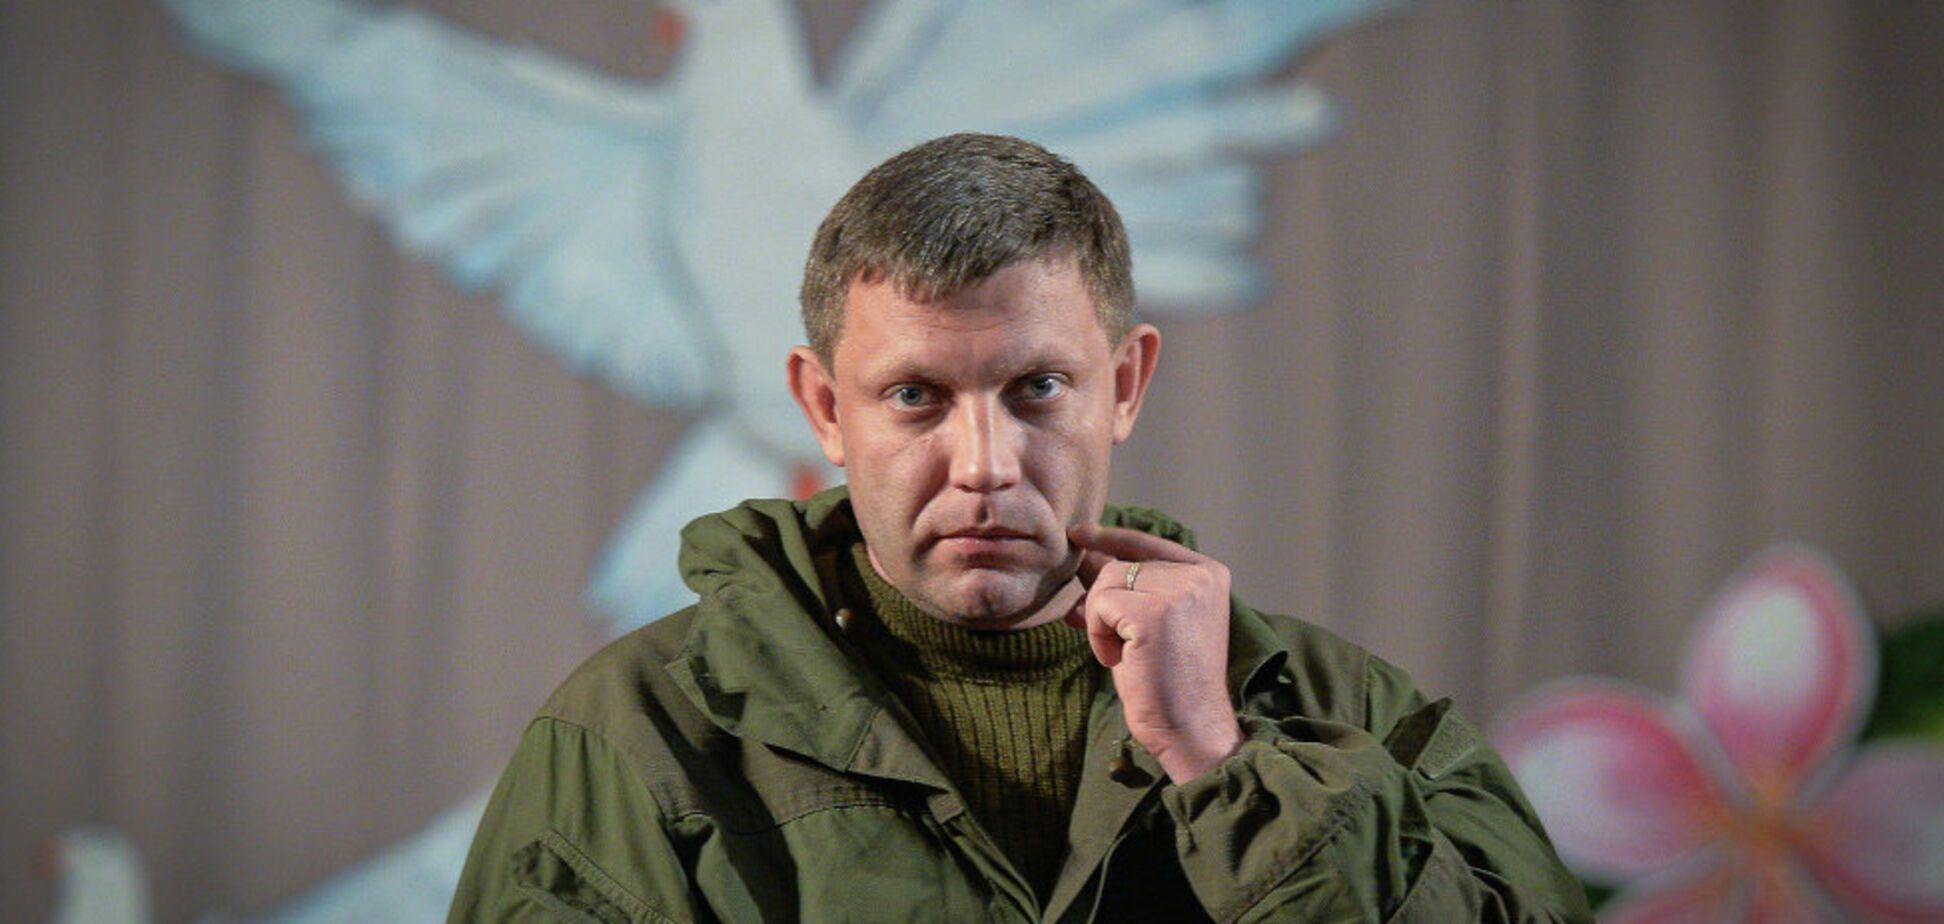 Наказ віддано: Захарченко зібрався знищувати техніку ЗСУ